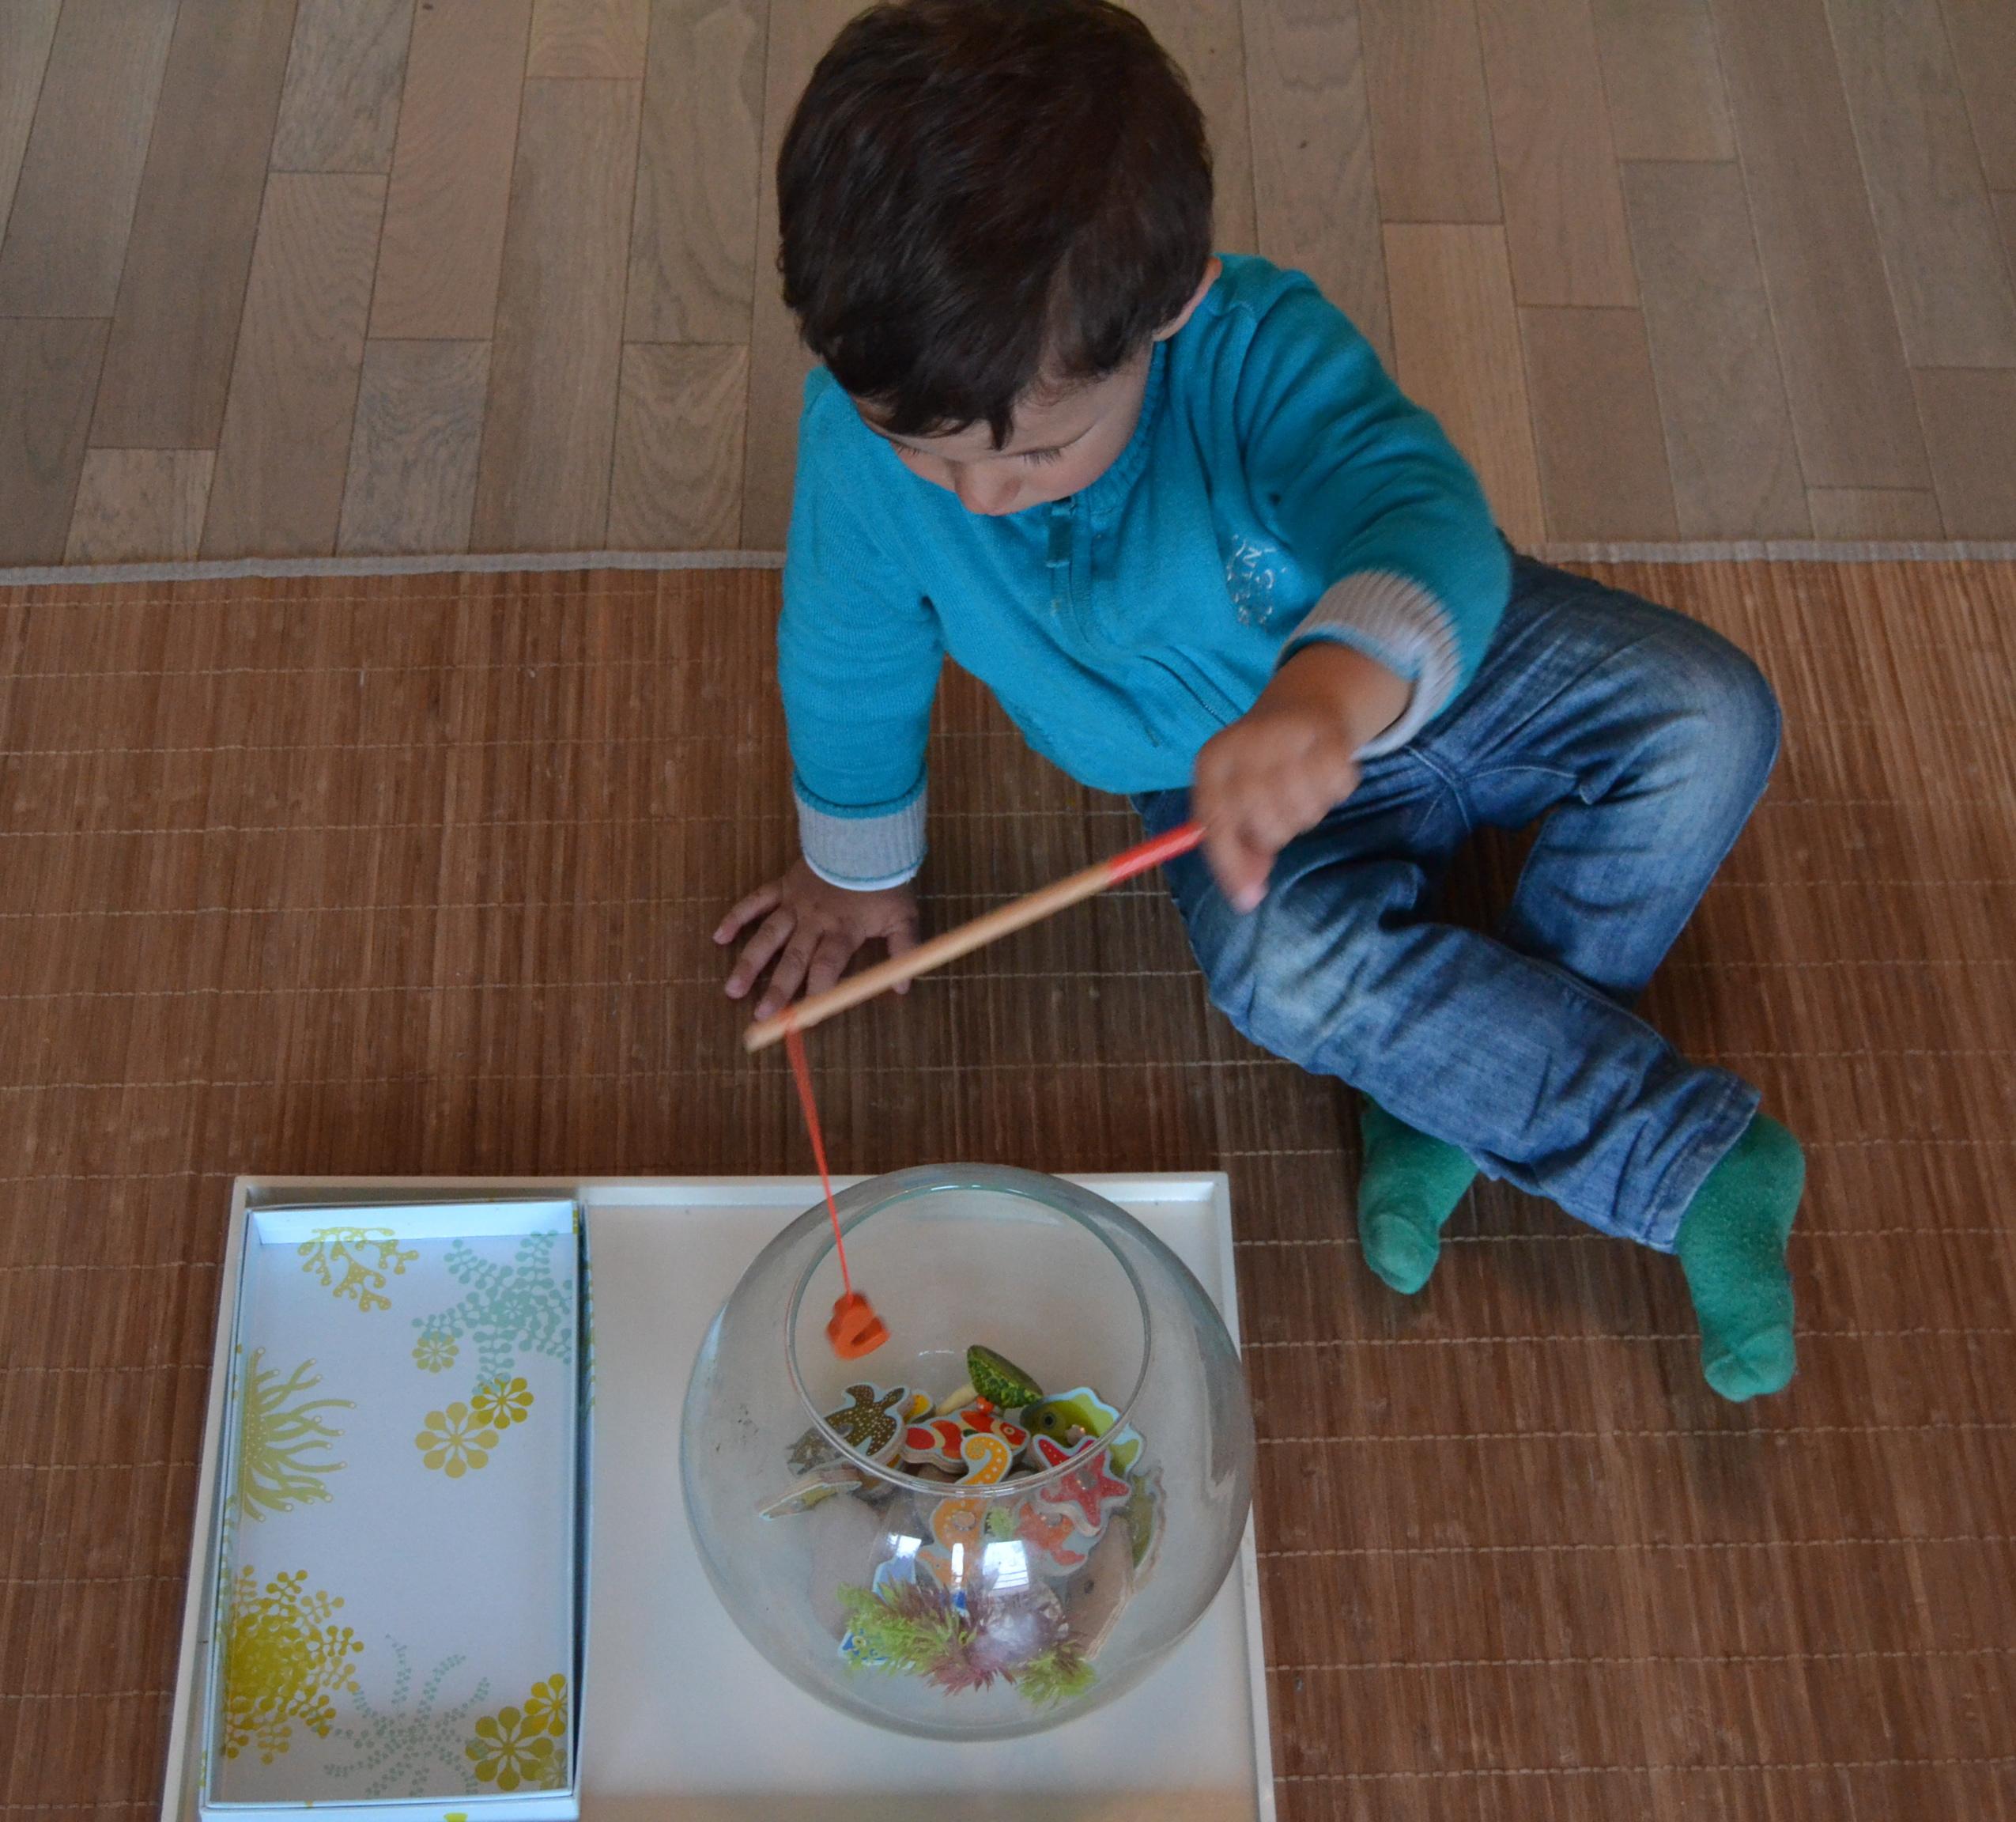 L activit montessori du jour p che tropicale blog de maman k - Poisson rouge rigolo ...